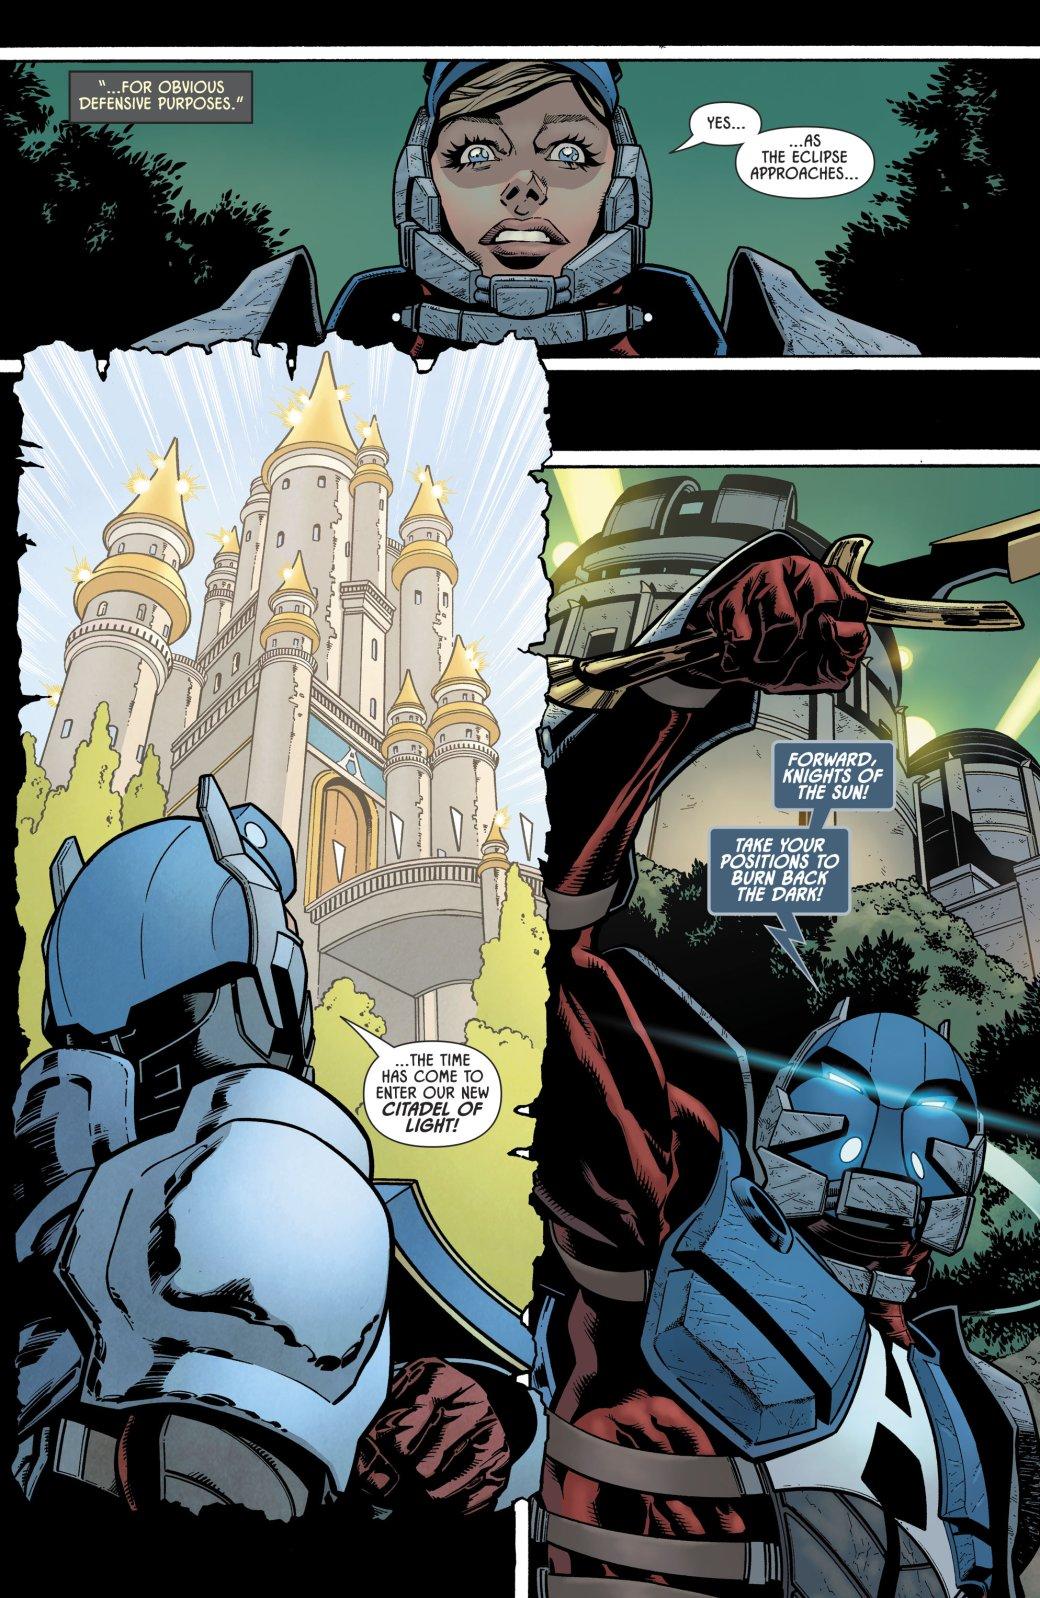 Вкомиксах DCпоявился Рыцарь Аркхэма. Кто оказался под маской? | Канобу - Изображение 8202